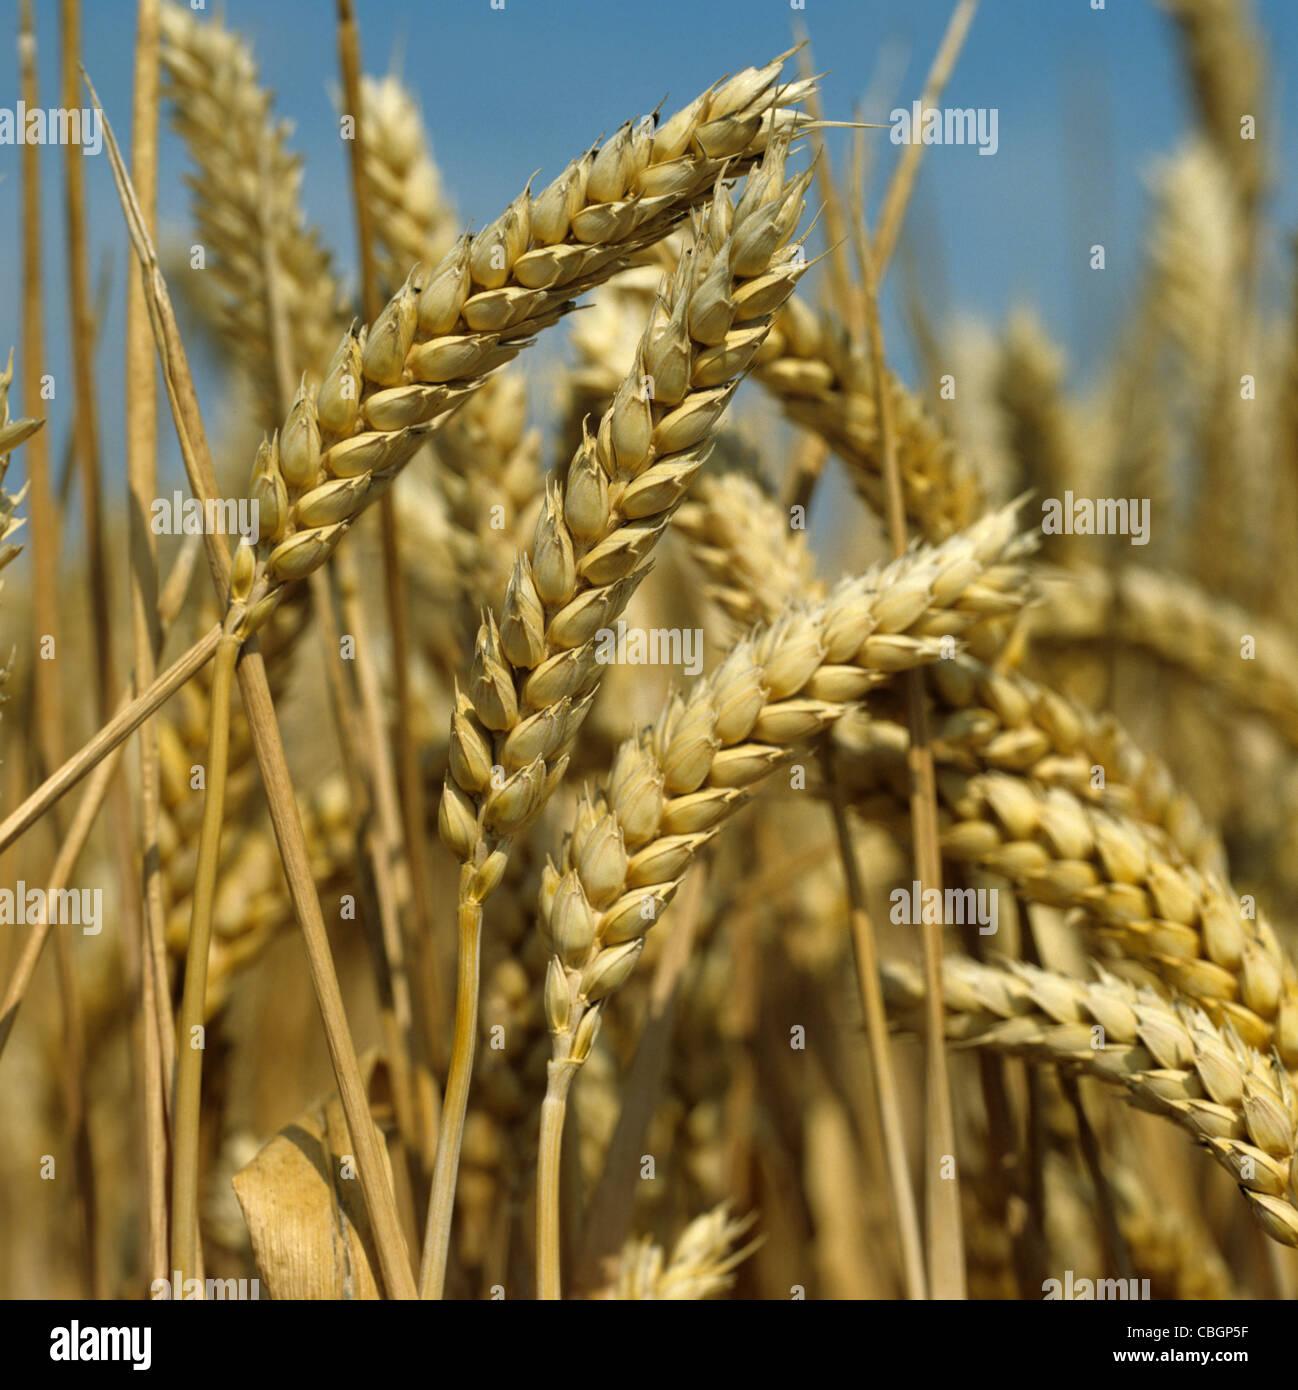 Espigas de trigo maduro contra un cielo de verano azul Imagen De Stock